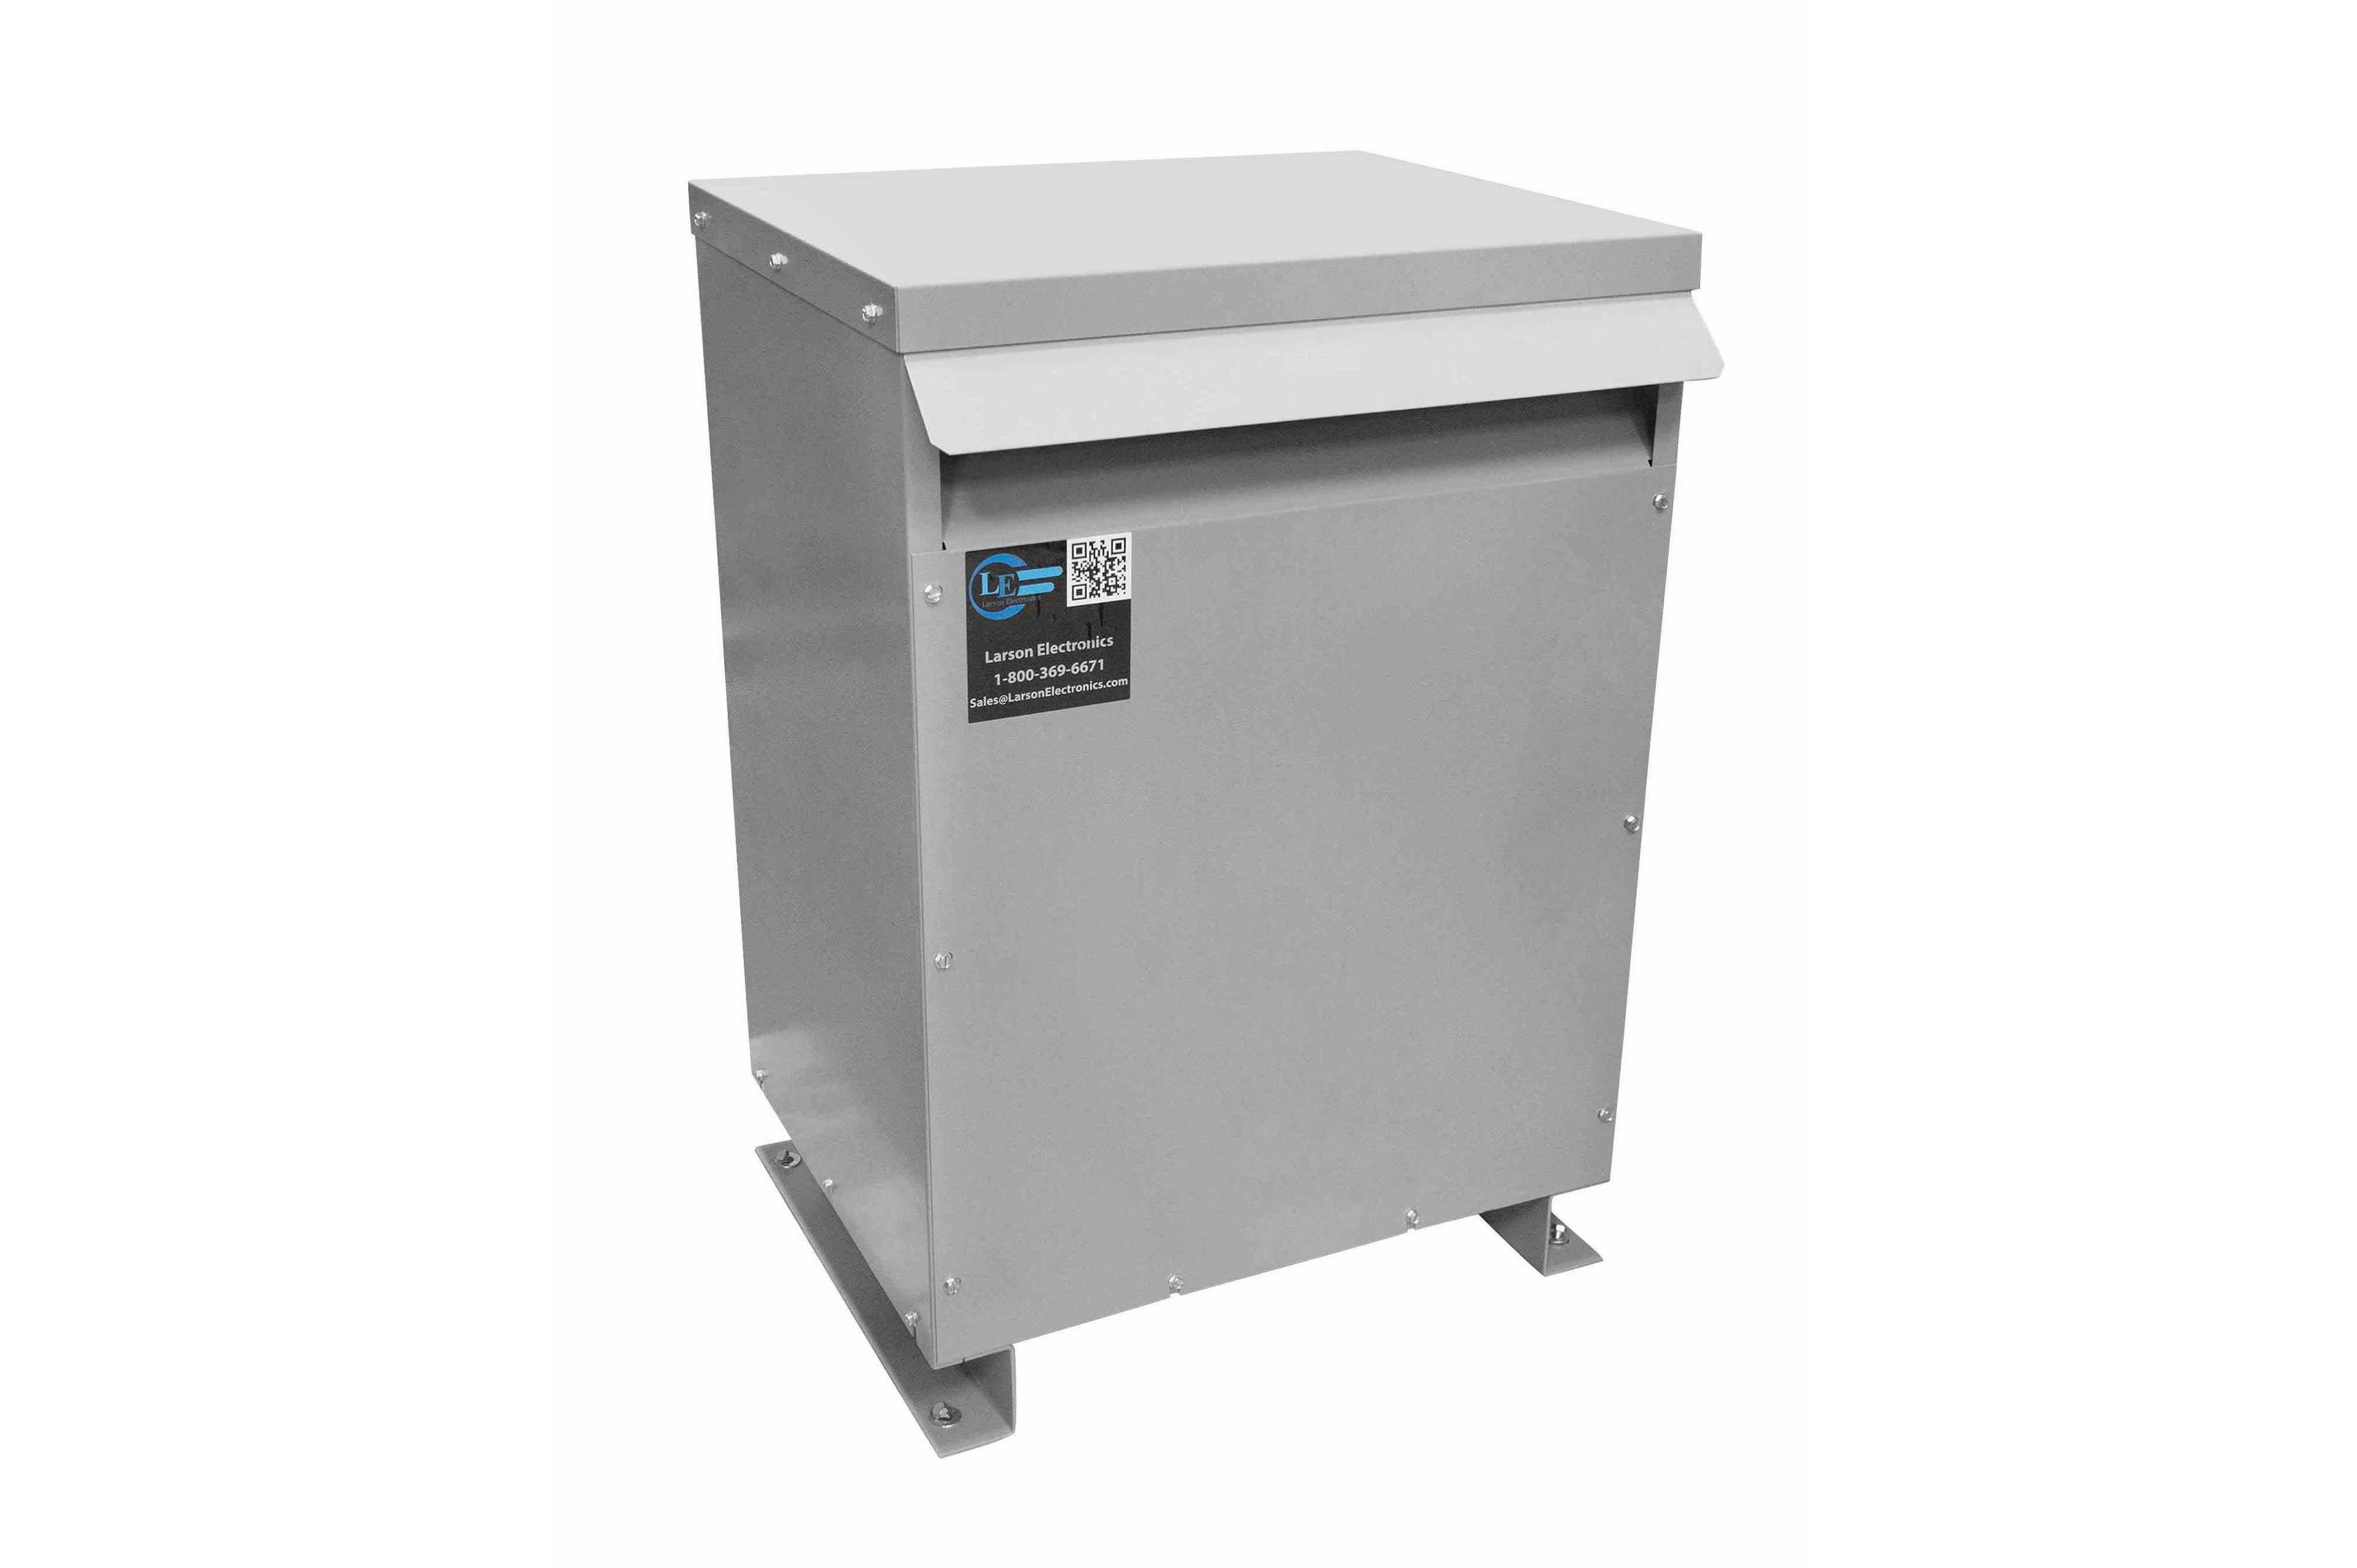 750 kVA 3PH DOE Transformer, 575V Delta Primary, 240V/120 Delta Secondary, N3R, Ventilated, 60 Hz